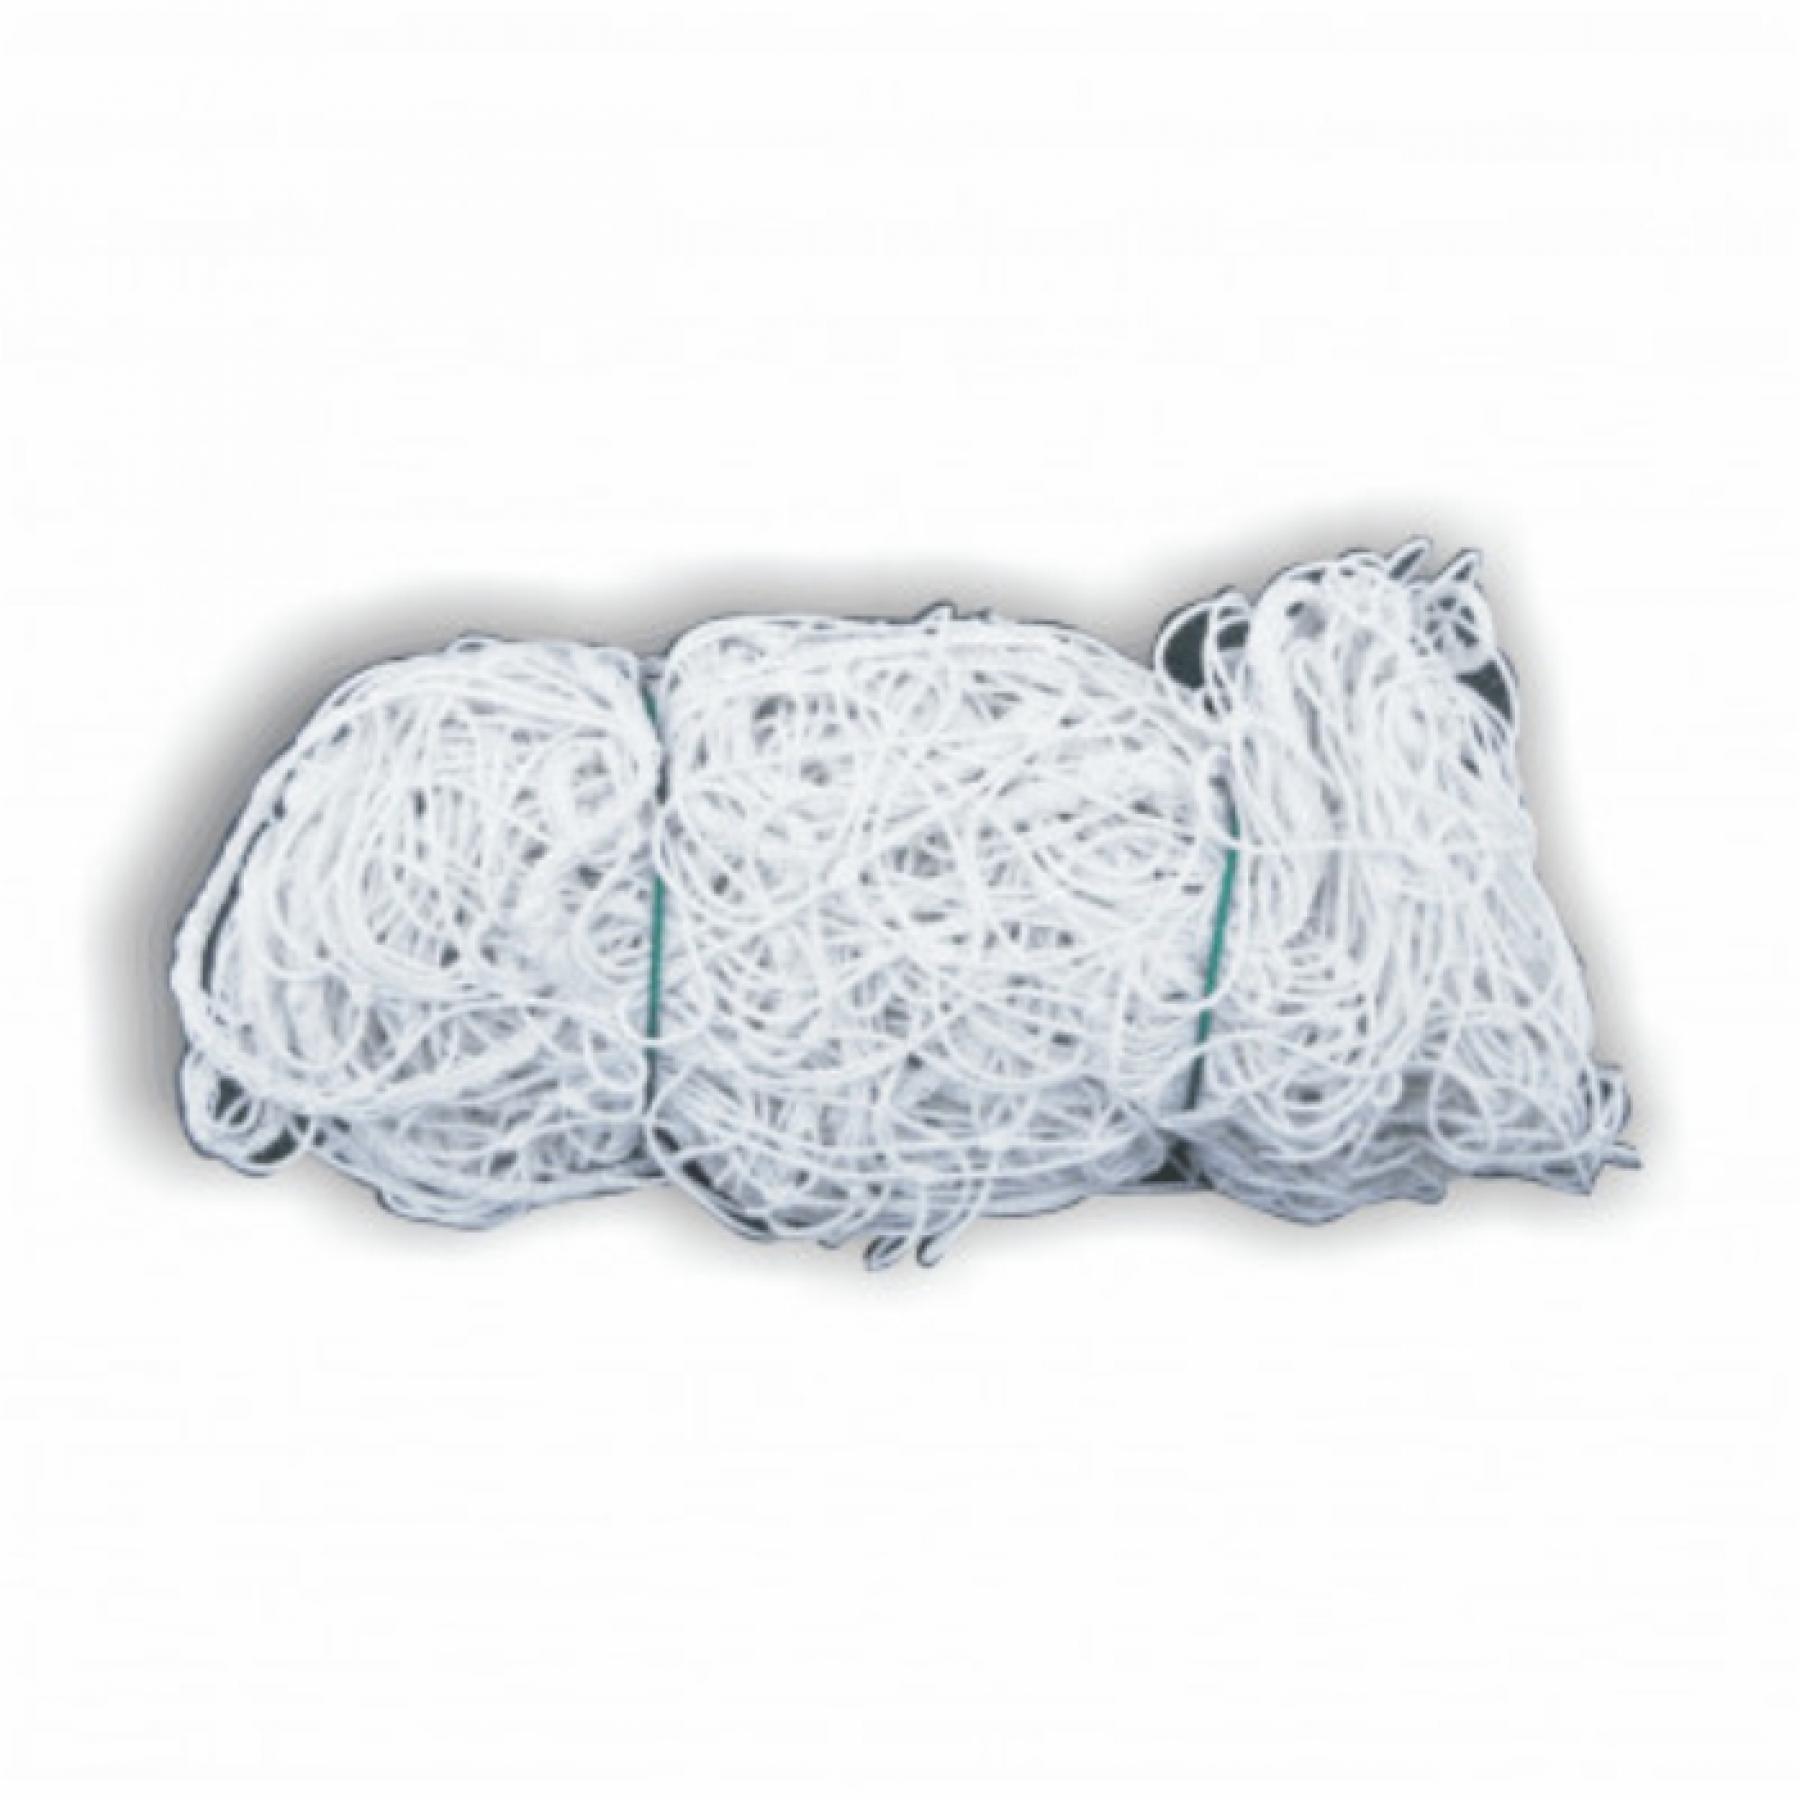 Nets Standard 7.3m X 2.5m